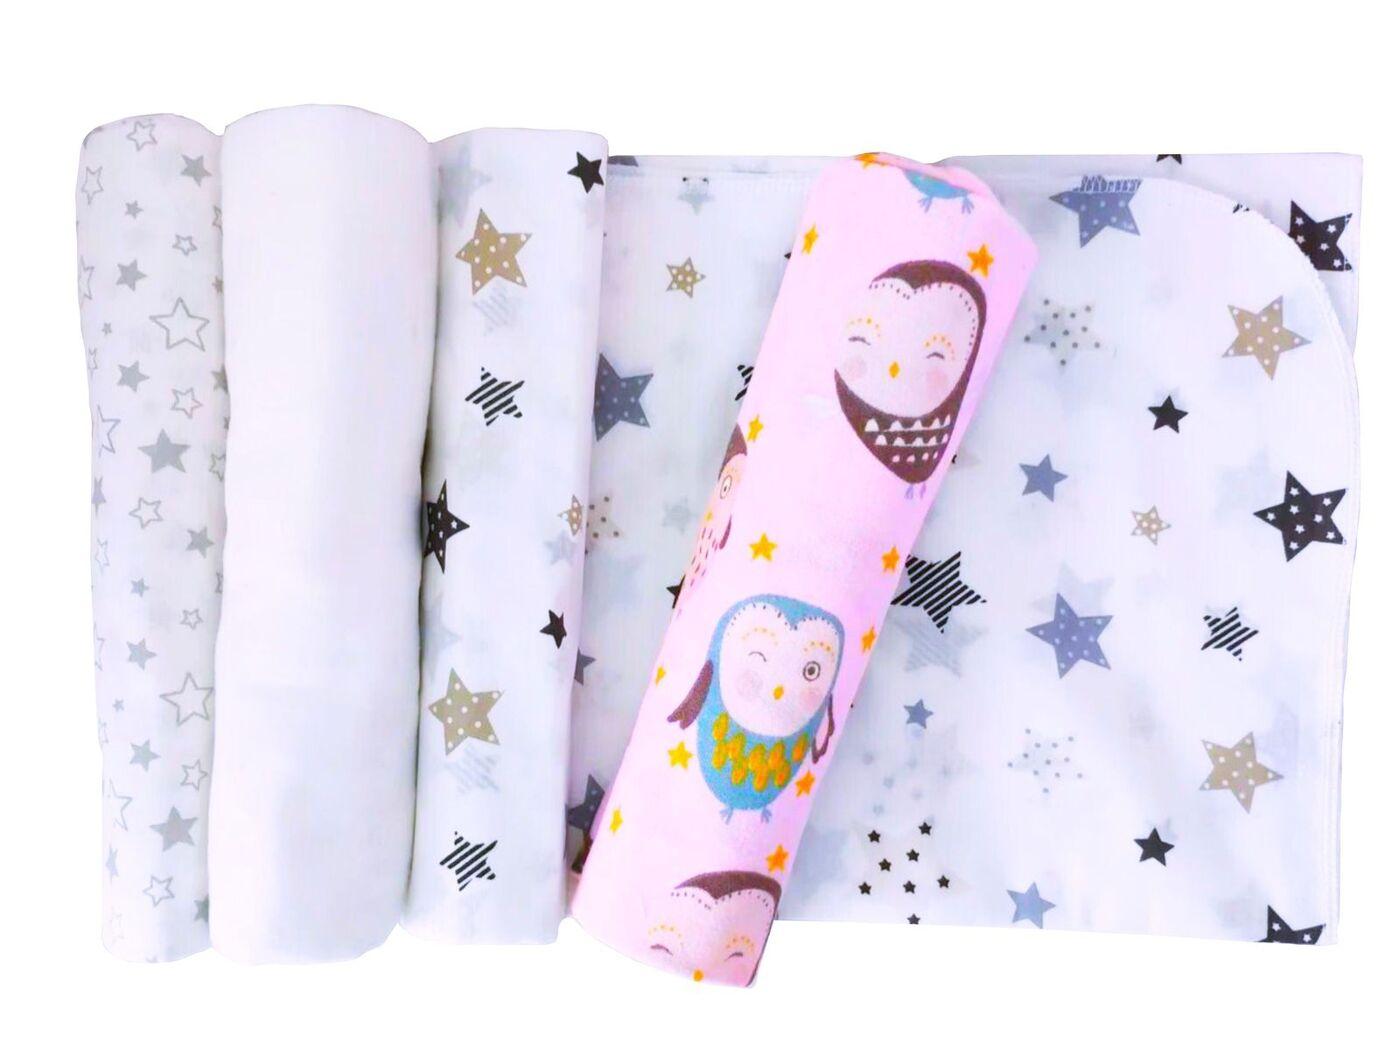 Пеленки хлопковые, Lili Dreams, Полный набор текстильных пеленок, фланель